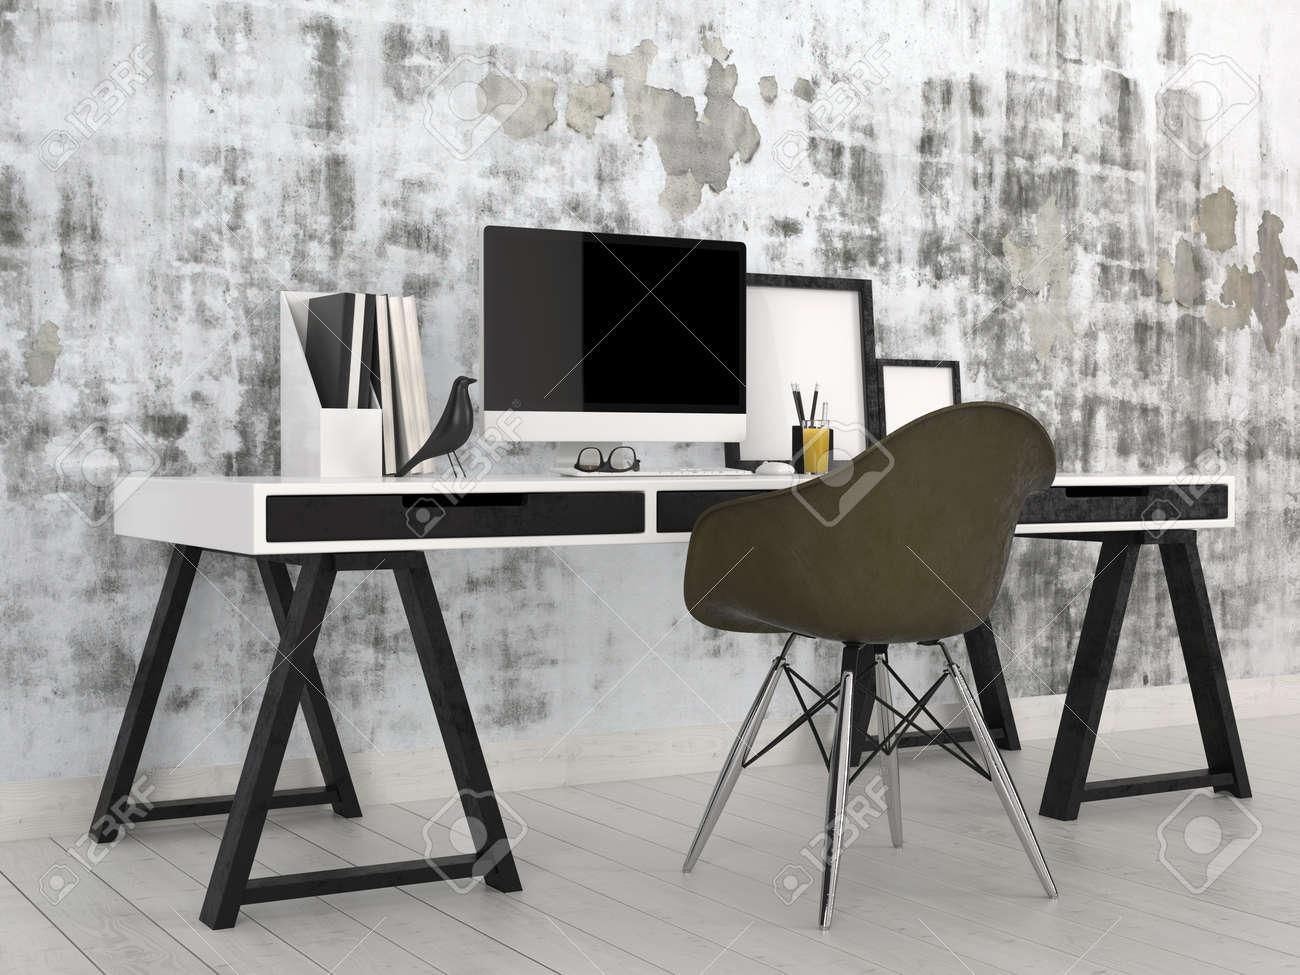 Elegante Moderno In Bianco E Nero Interno Ufficio Con Una ...